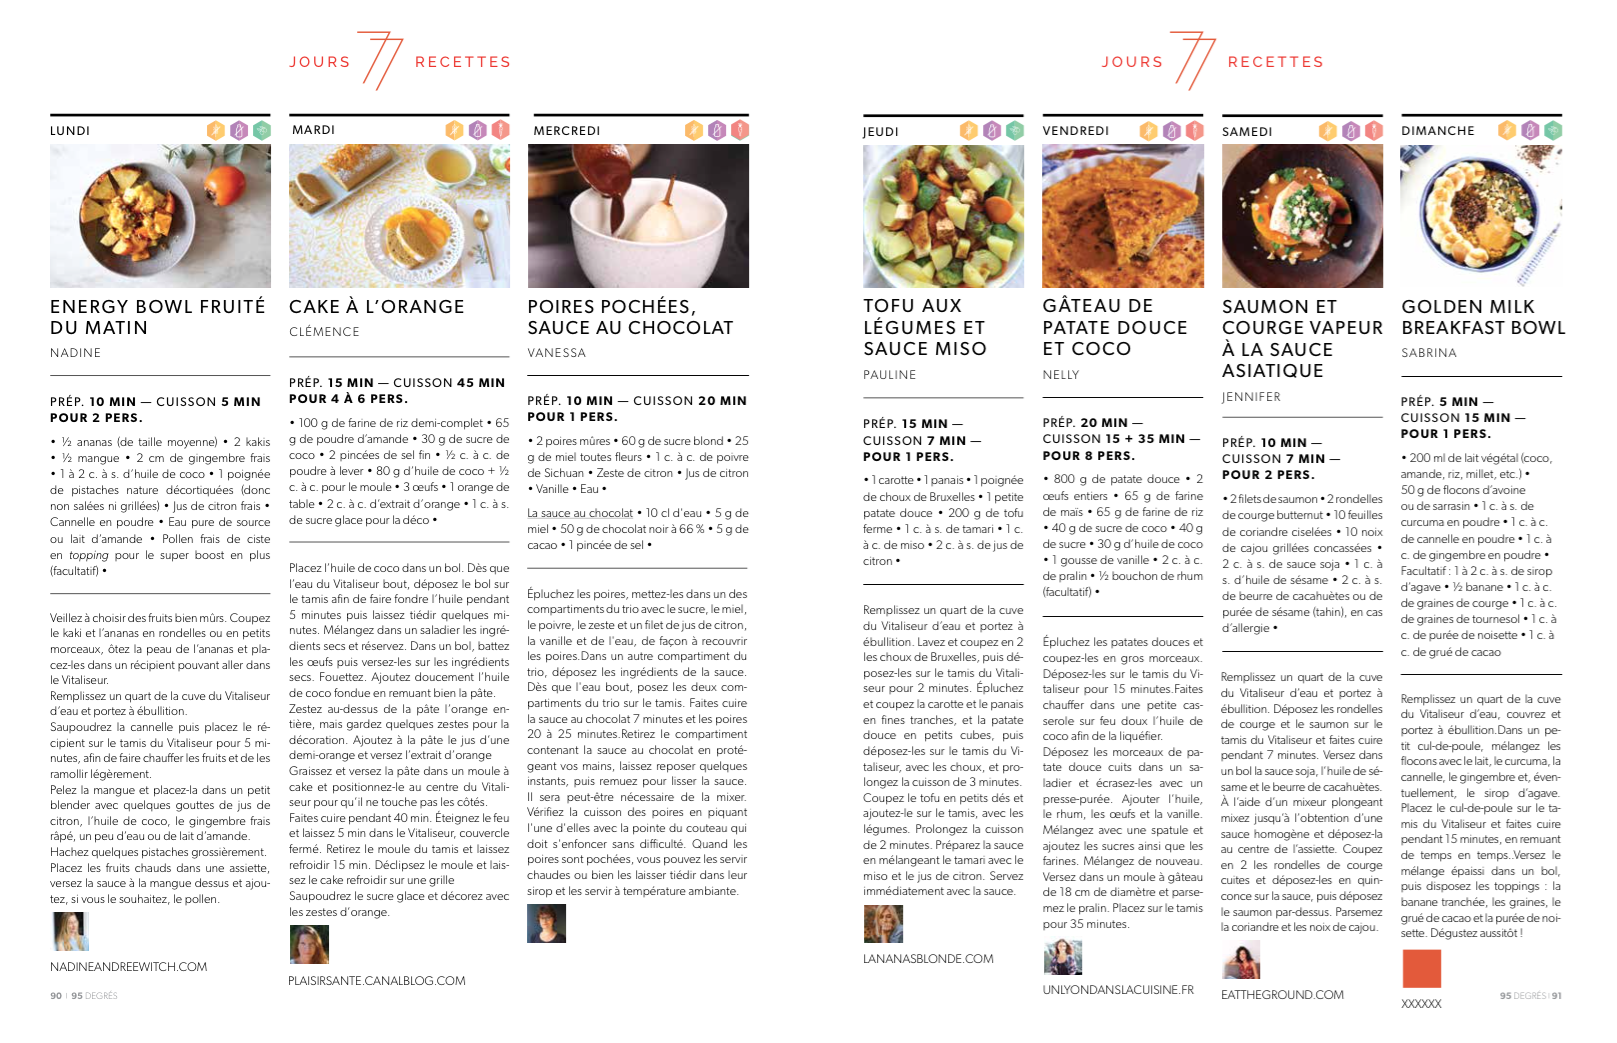 Magazine 95°, Janvier 2018 - 7 jours 7 recettes à la vapeur douce